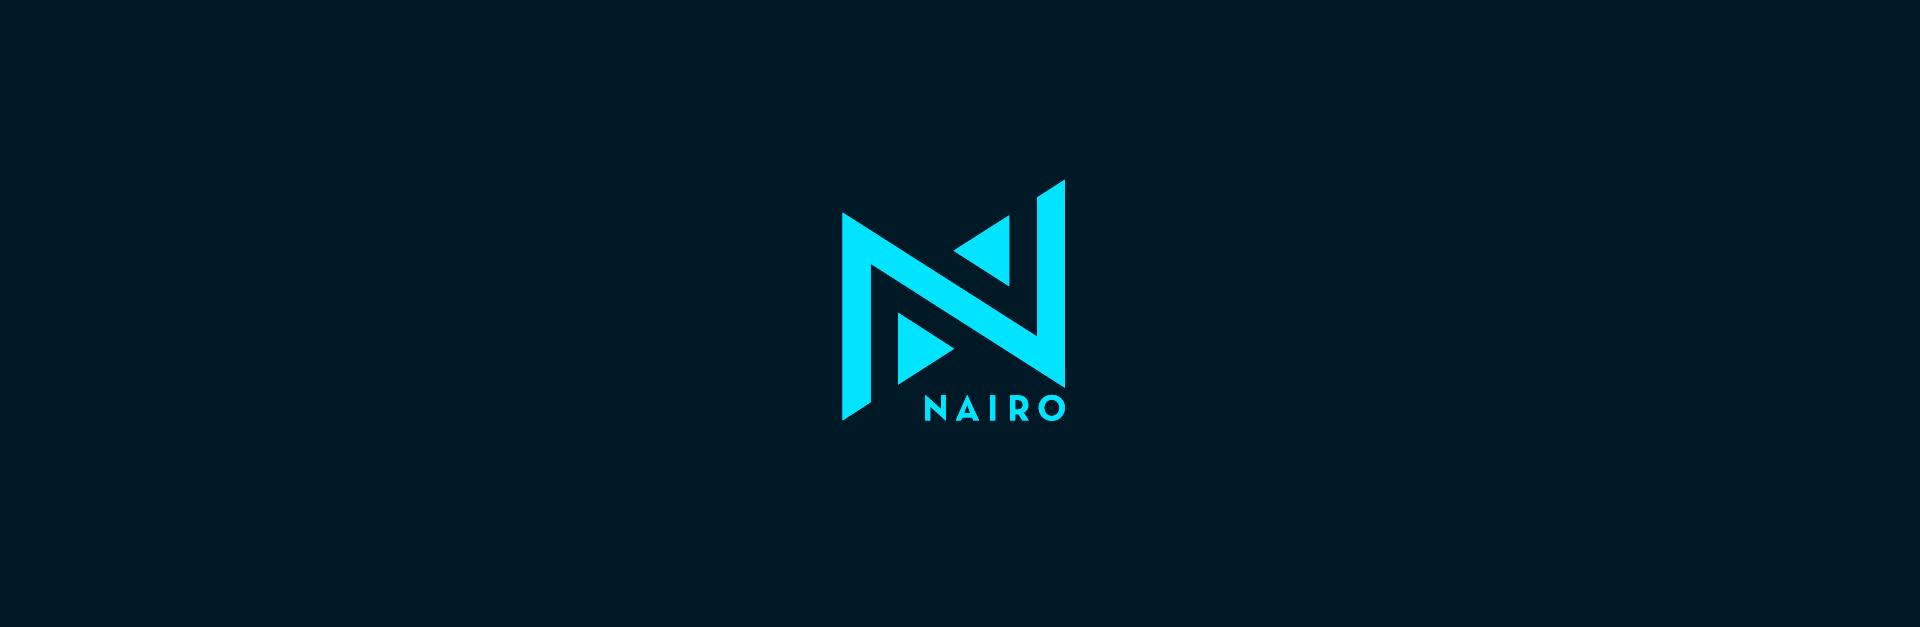 Sr_Lopez_Nairo_02